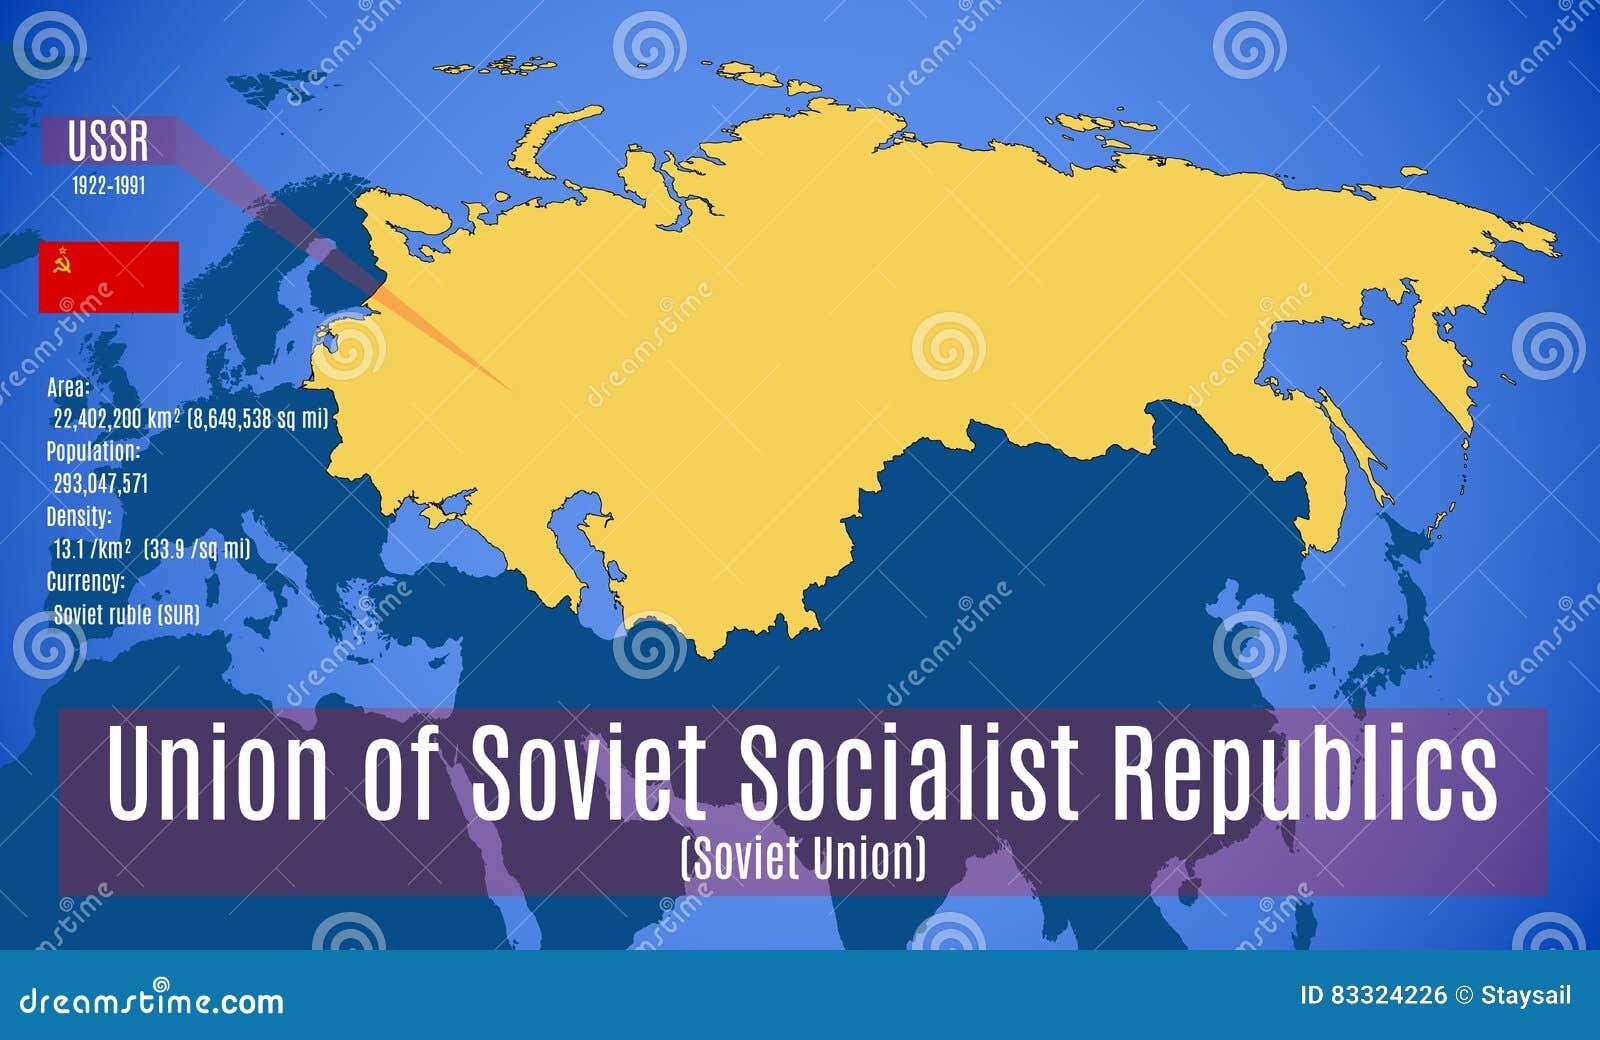 Carte Urss.Vecteur Carte De Sschematic De L Union Sovietique Urss Illustration